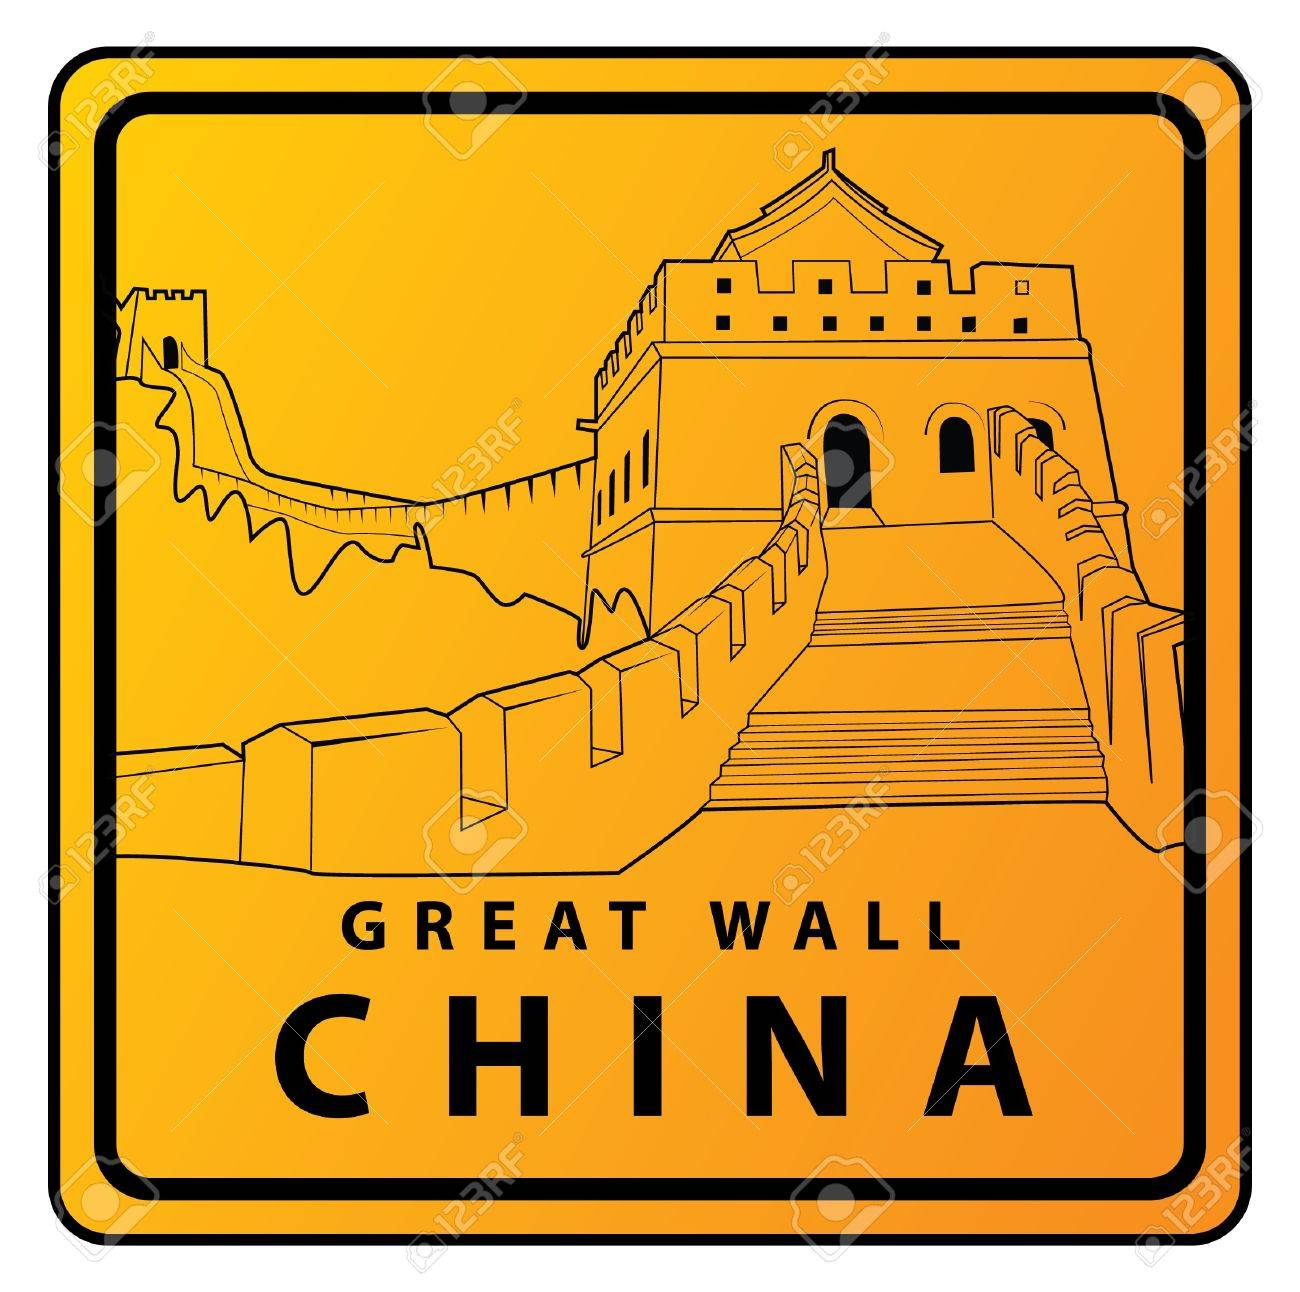 Great Wall China Travel Sign Royalty Free Cliparts, Vectors, And ...